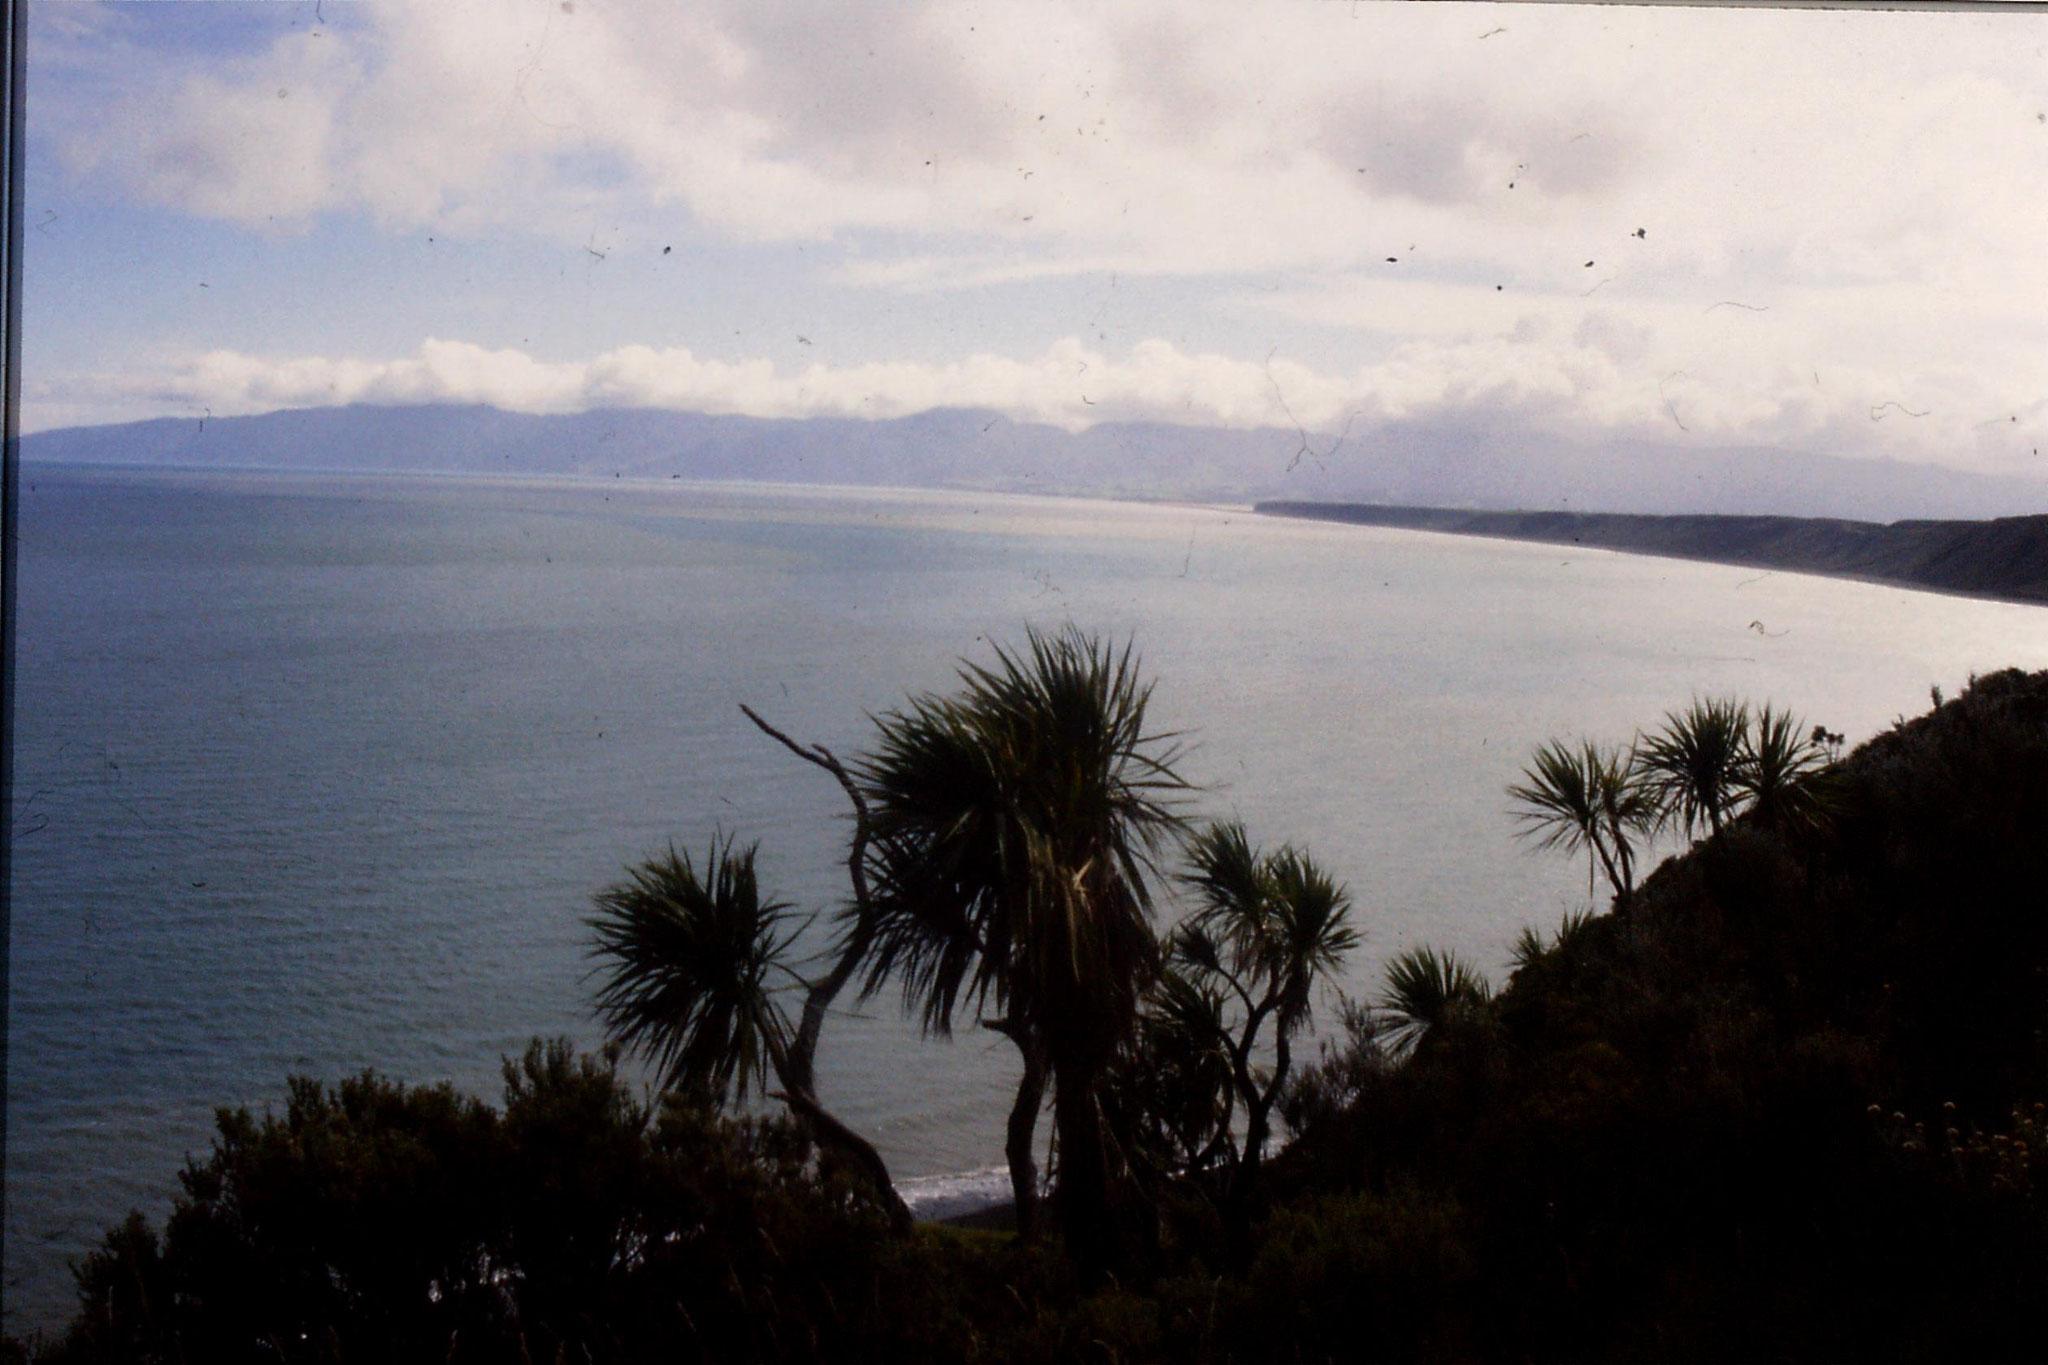 26/8/1990: 10: East of Wellington